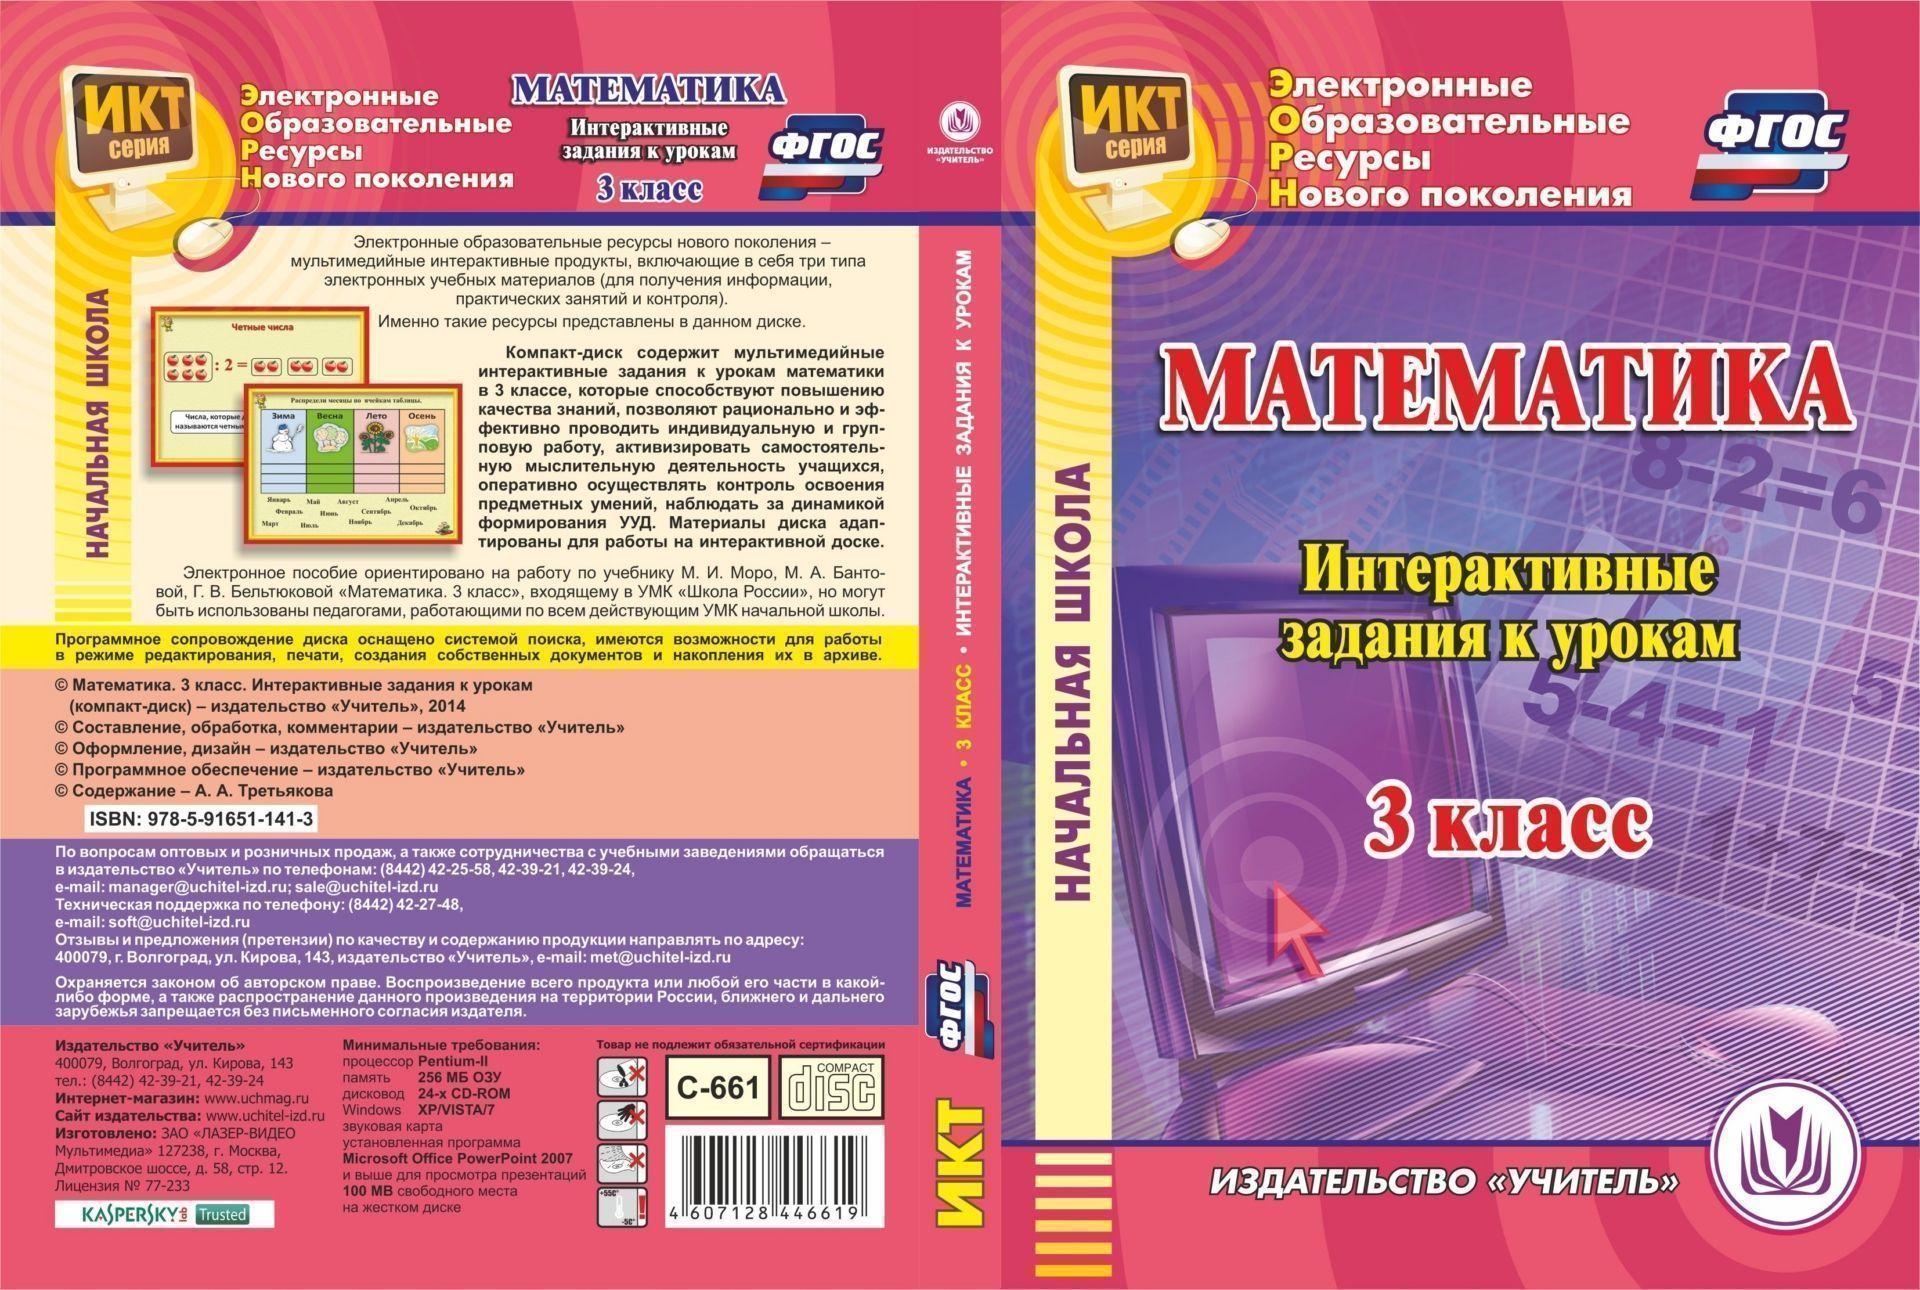 Математика. 3 класс. Интерактивные задания к урокам. Компакт-диск для компьютераПредметы<br>Электронные образовательные ресурсы нового поколения - это мультимедийные интерактивные продукты, включающие в себя три типа электронных учебных материалов (для получения информации, практических занятий и контроля).Компакт-диск Математика. 3 класс. Инте...<br><br>Авторы: Третьякова А. А.<br>Год: 2014<br>Серия: Информационно-компьютерные технологии<br>Высота: 190<br>Ширина: 135<br>Толщина: 12